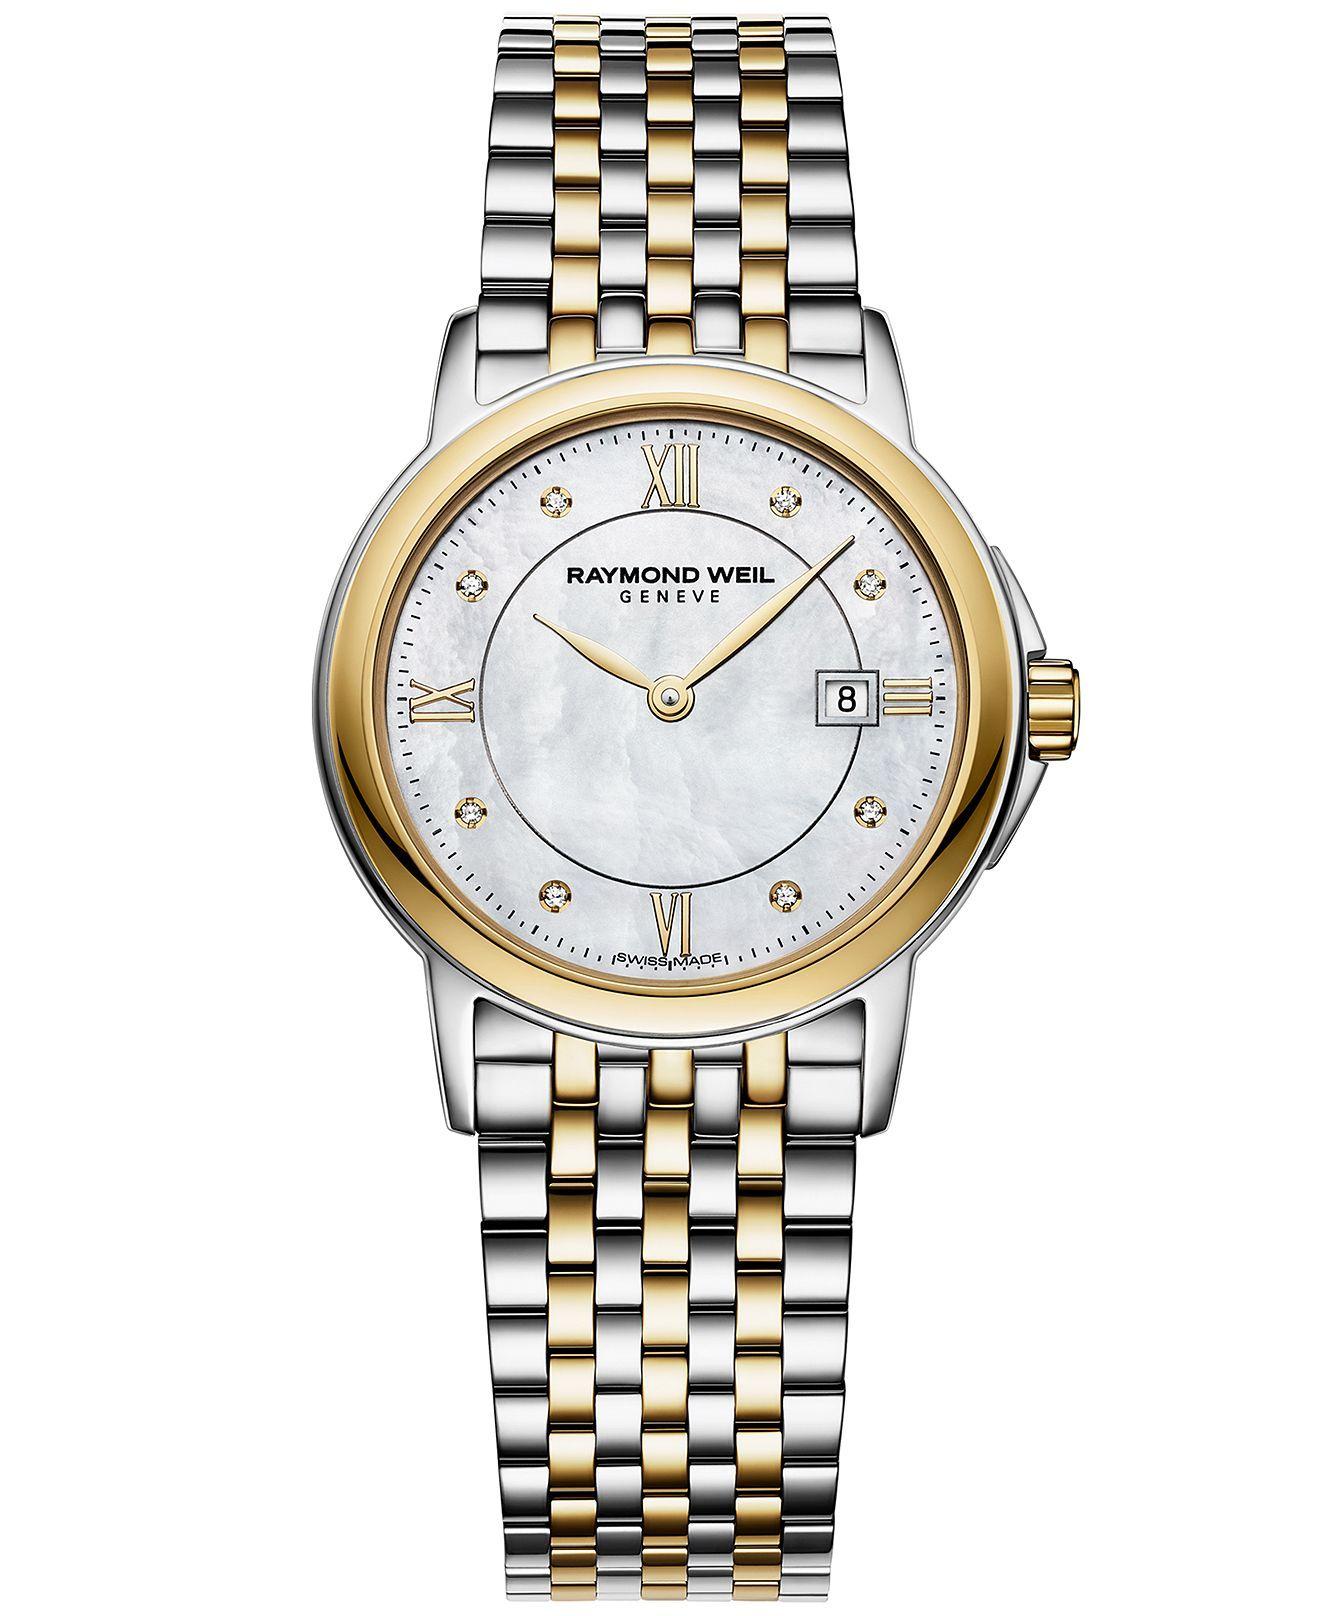 89c5ea3f3ea RAYMOND WEIL Watch